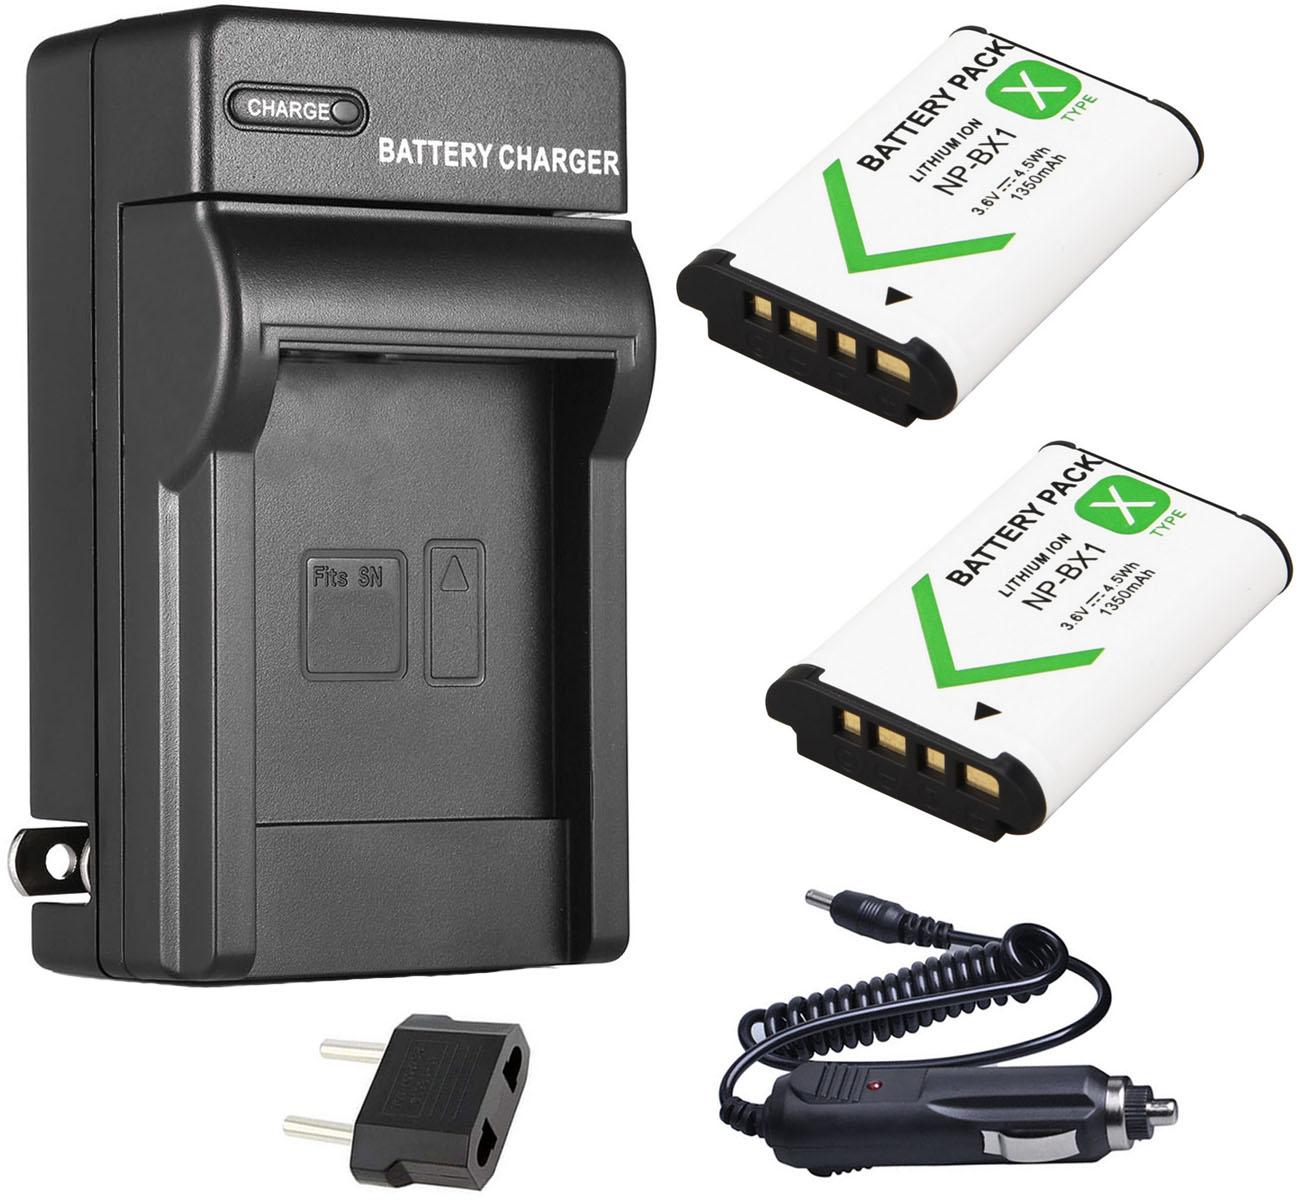 NP-BX1 Batería Cargador para SONY DSC-RX100 I II III IV V DSC-HX400V HDR-CX405//B